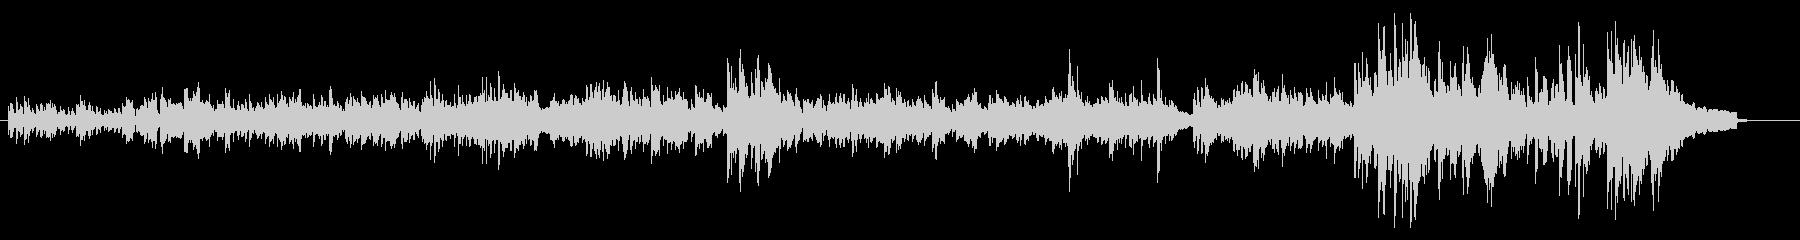 バッハのインベイジョン2番の未再生の波形